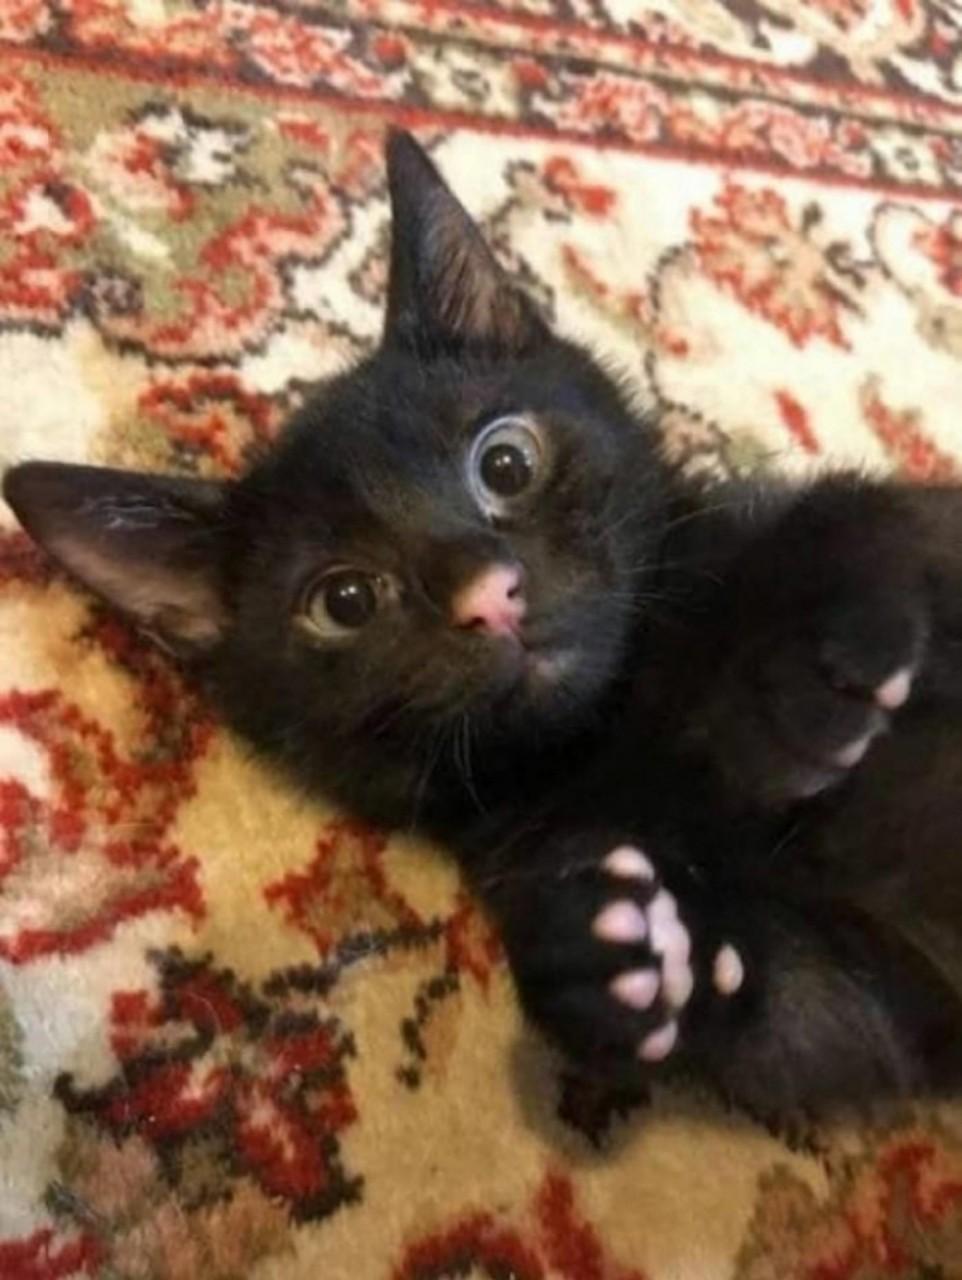 Картинки по запроÑу черный кот Ñ Ñ€Ð¾Ð·Ð¾Ð²Ñ‹Ð¼ ноÑом